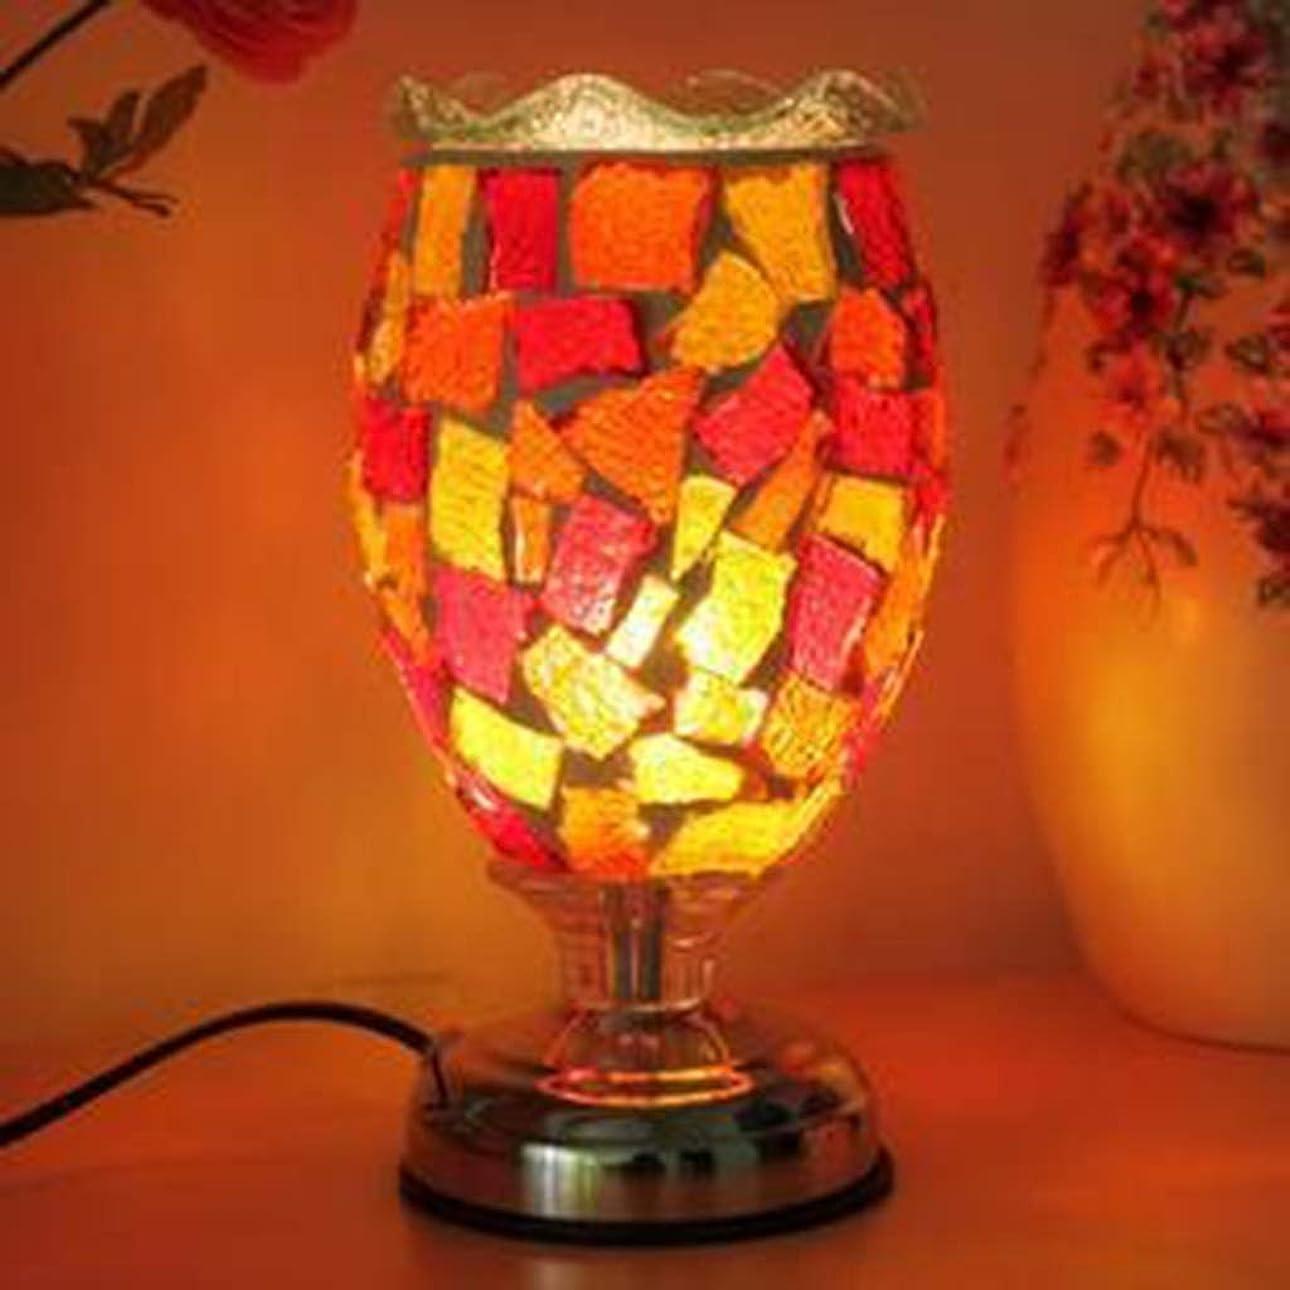 見ましたはねかける勢いシロス 色ガラステーブルランプ暖かい装飾プラグインアロマセラピーテーブルランプ研究室の装飾クリスマス (Color : E)